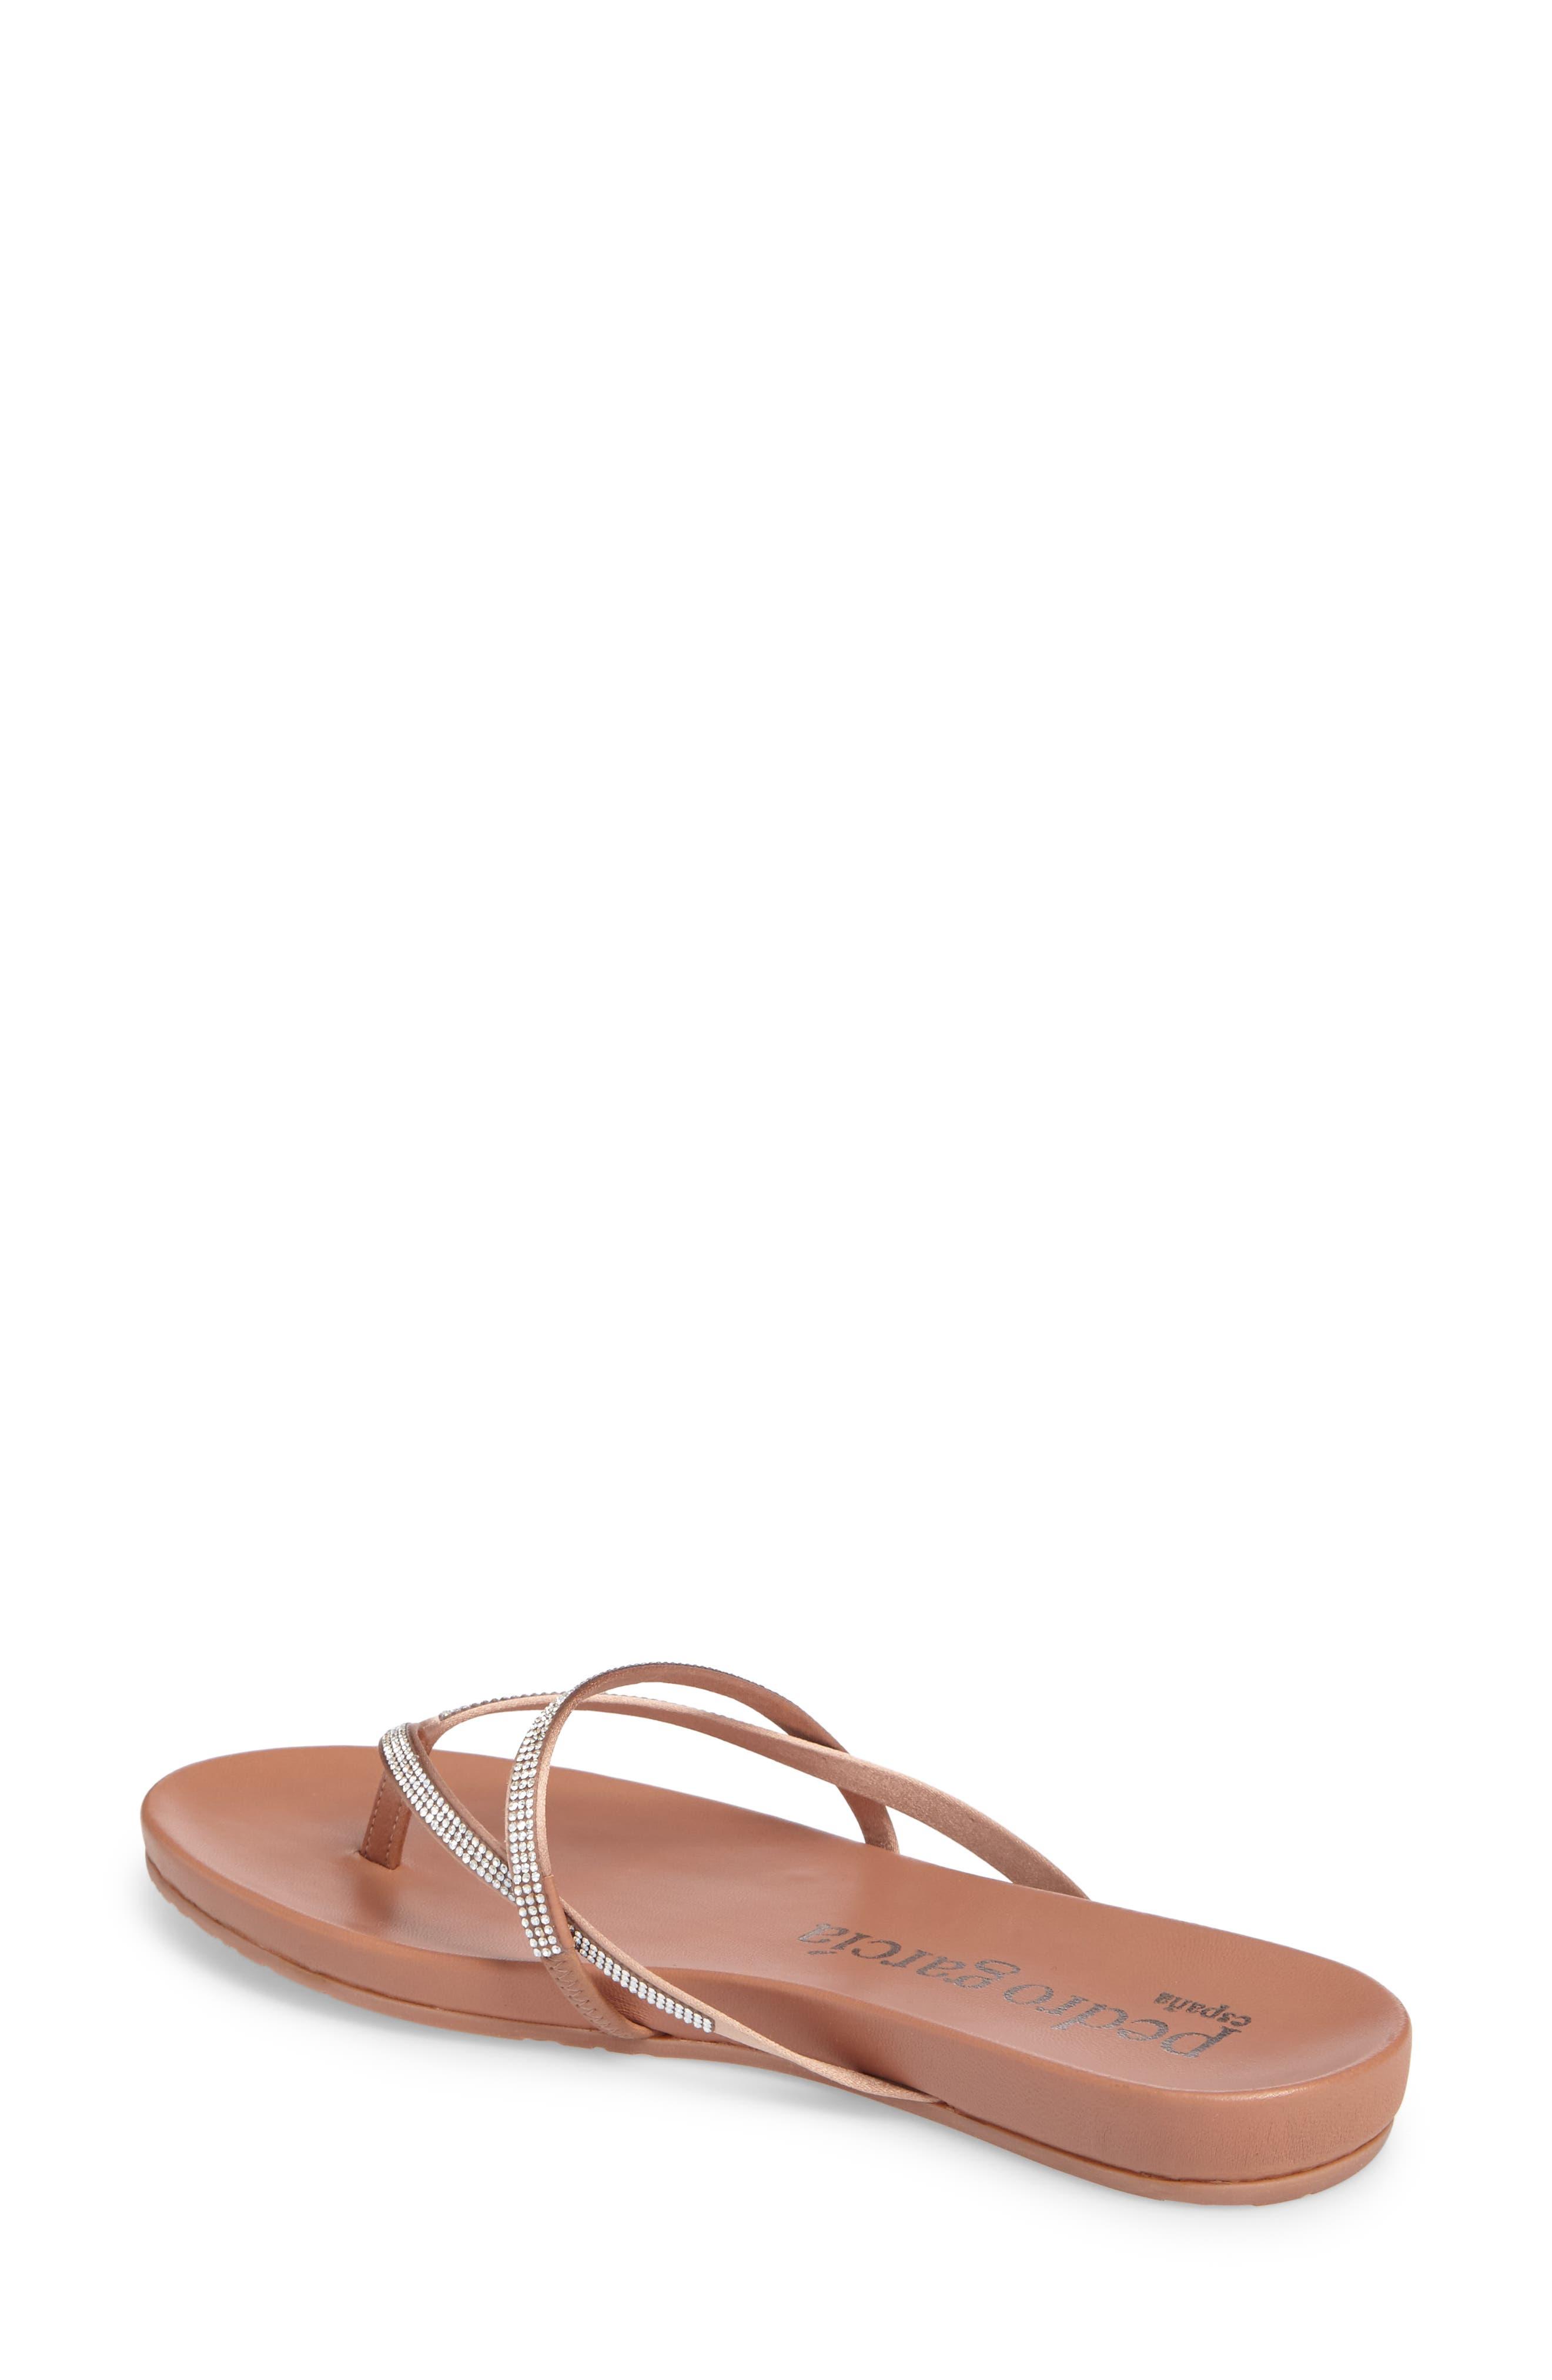 Giulia Crystal Embellished Sandal,                             Alternate thumbnail 2, color,